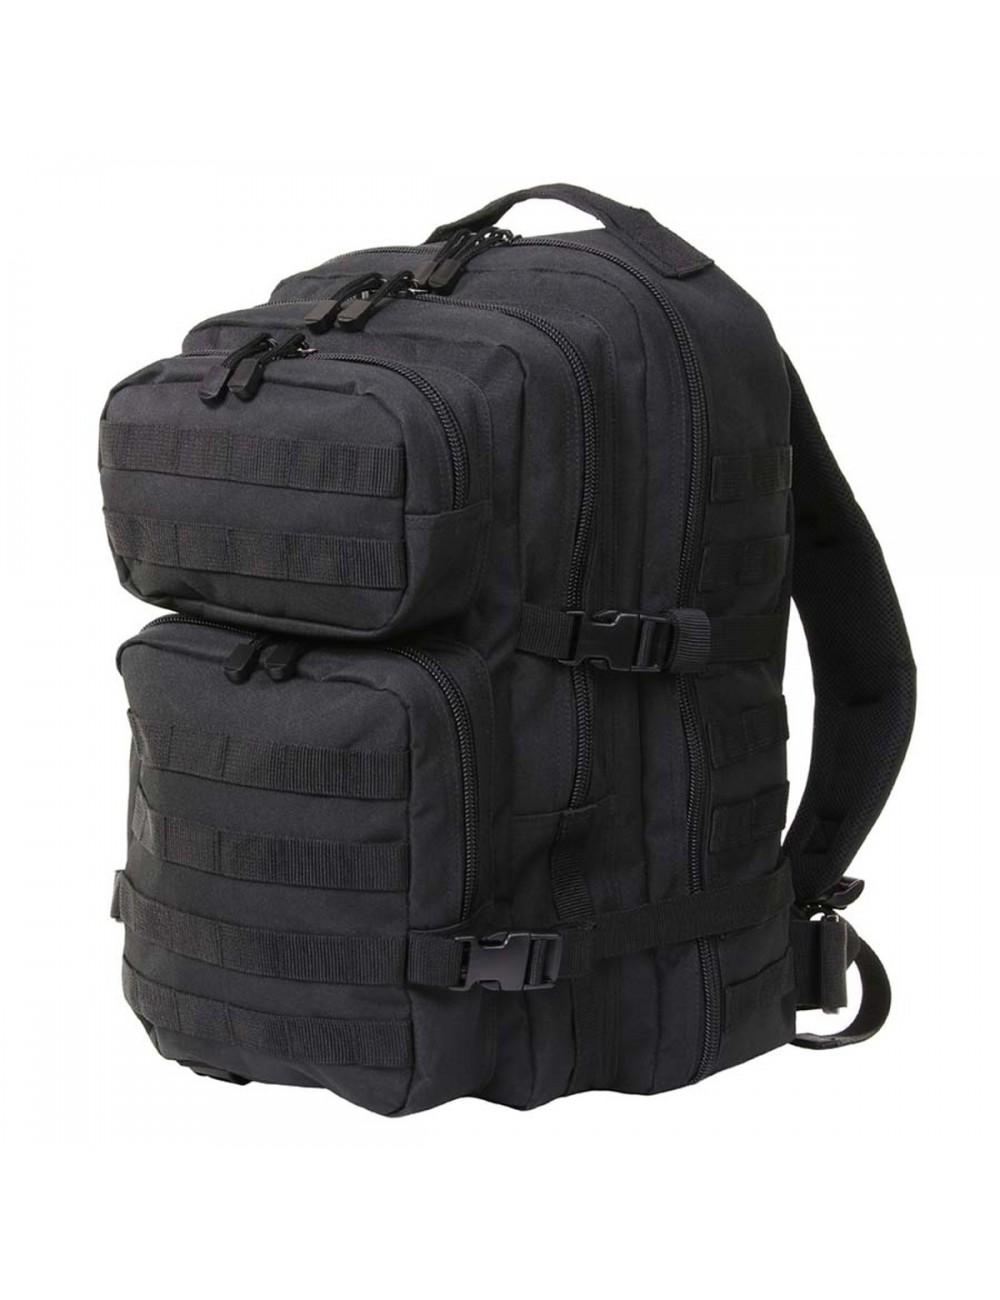 101 Inc Mountain backpack 45 liter US leger model - Zwart